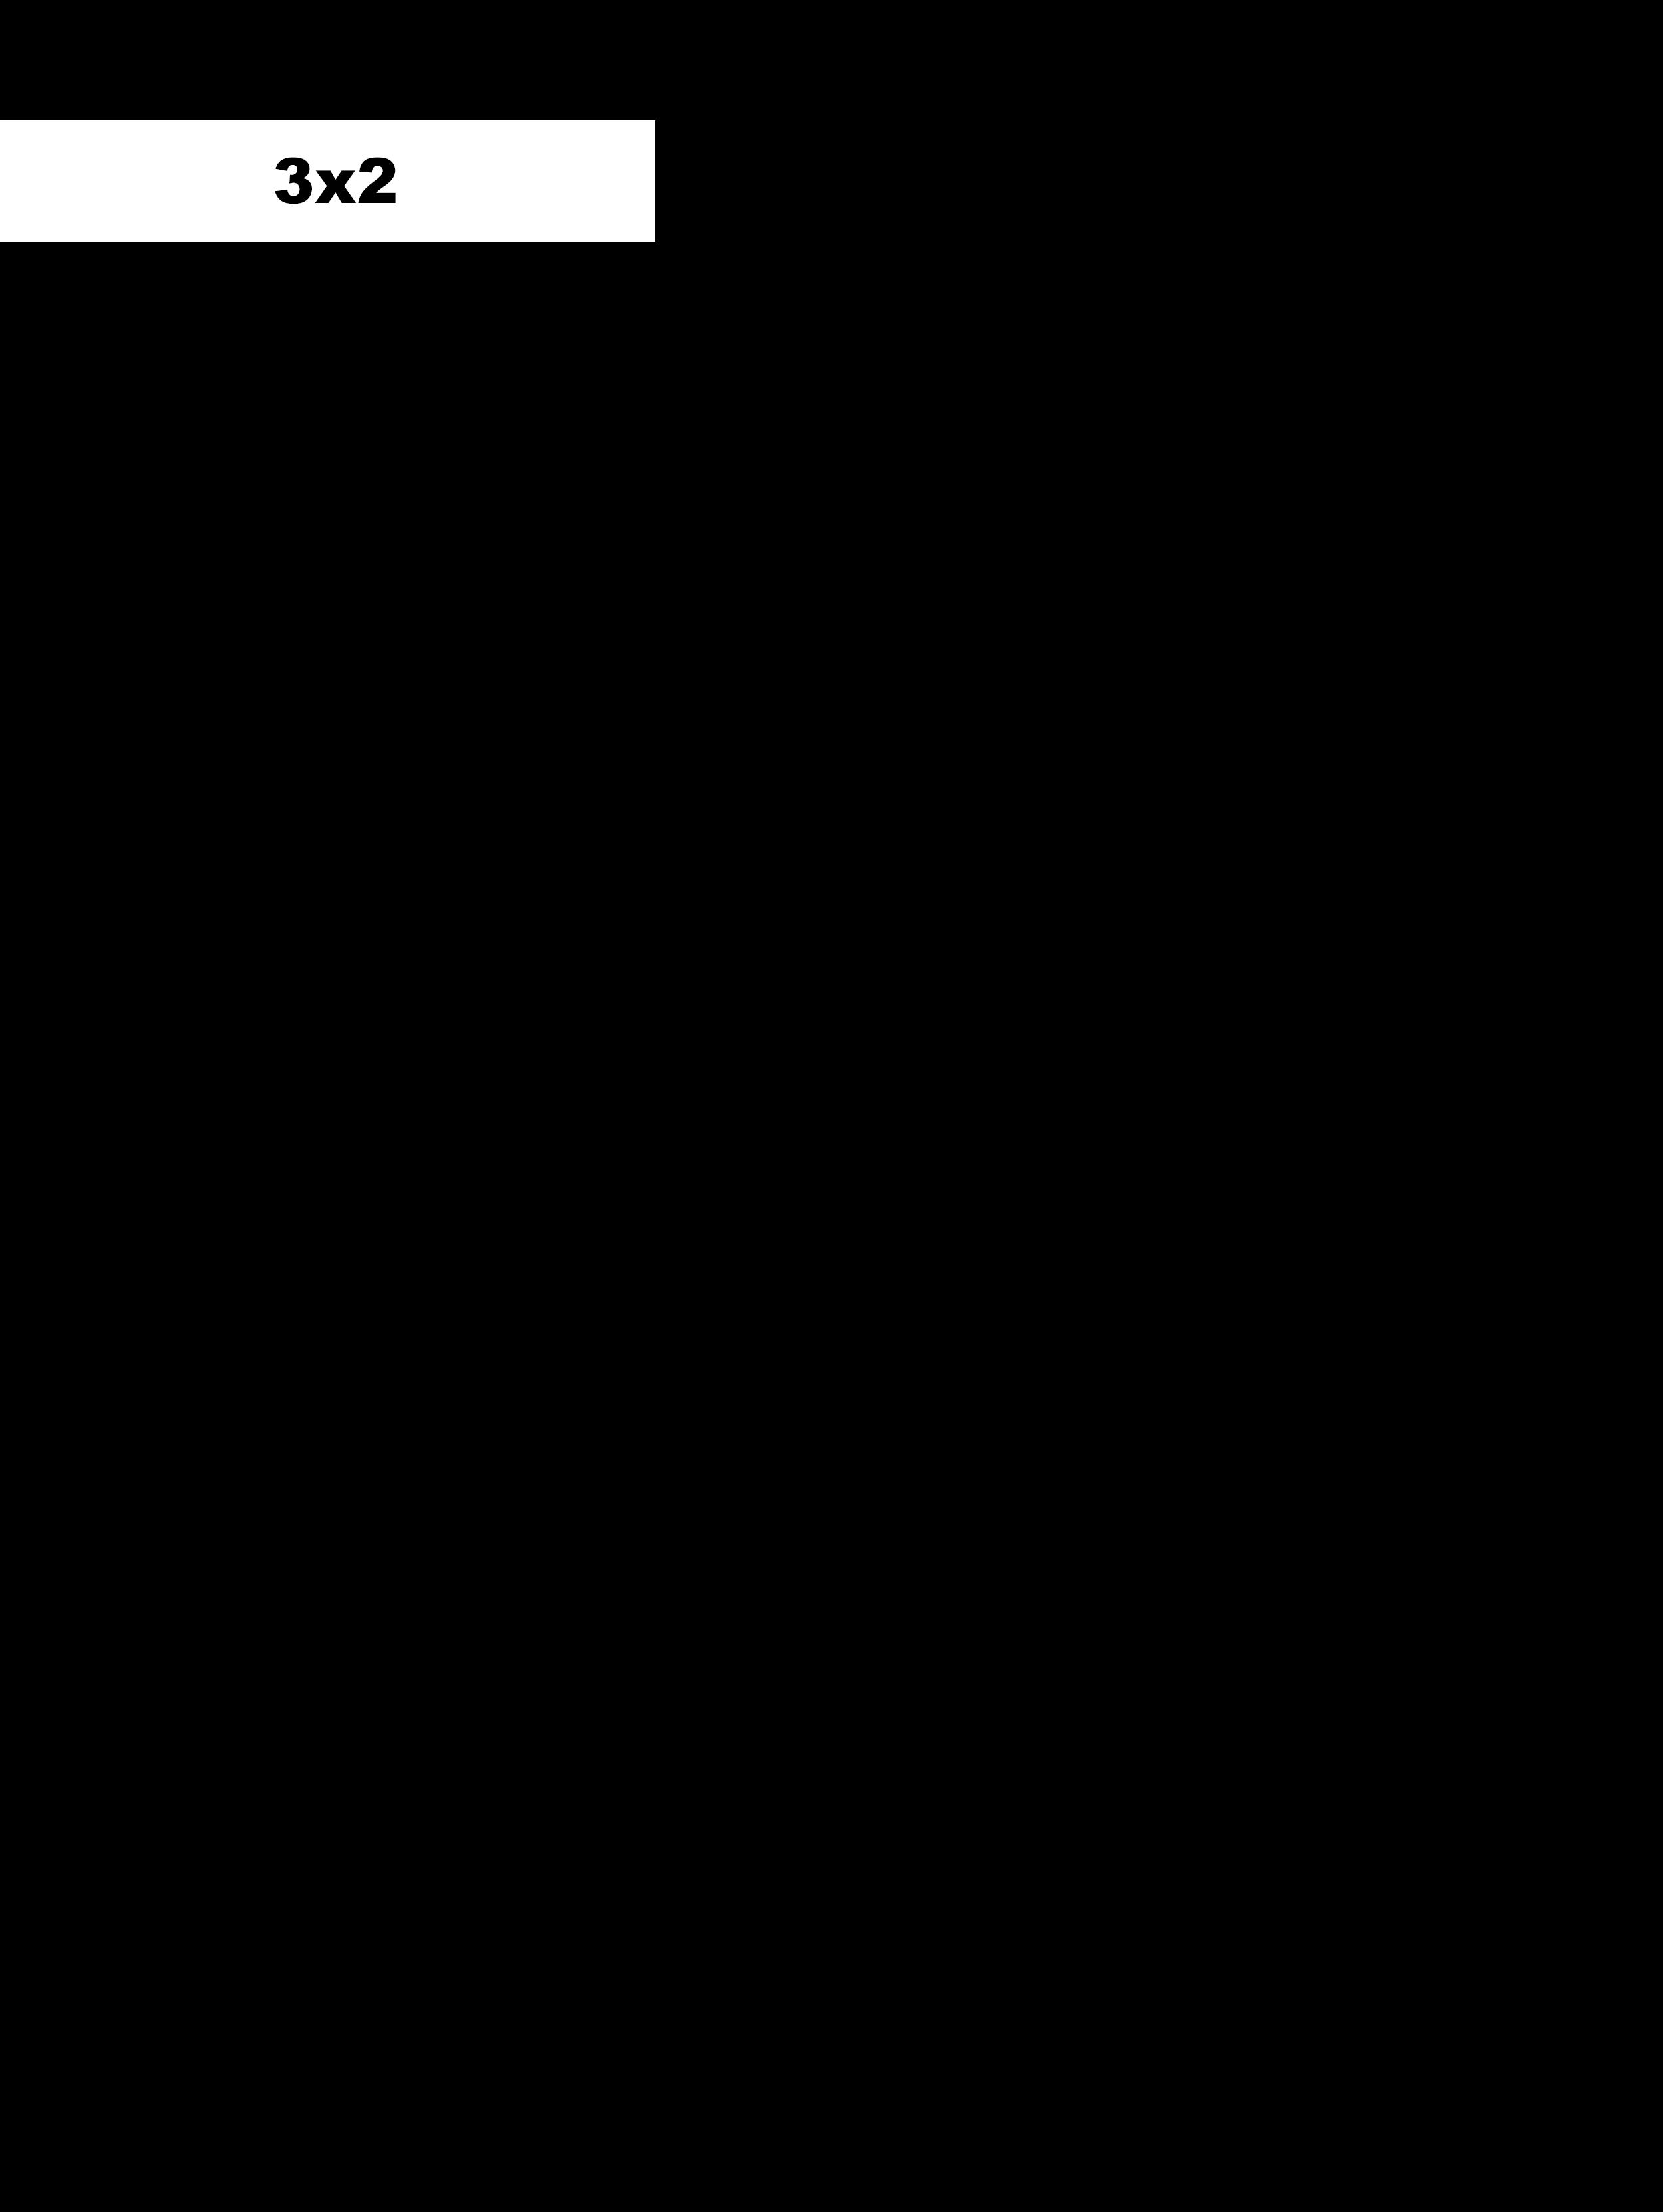 PLCZ_3x2